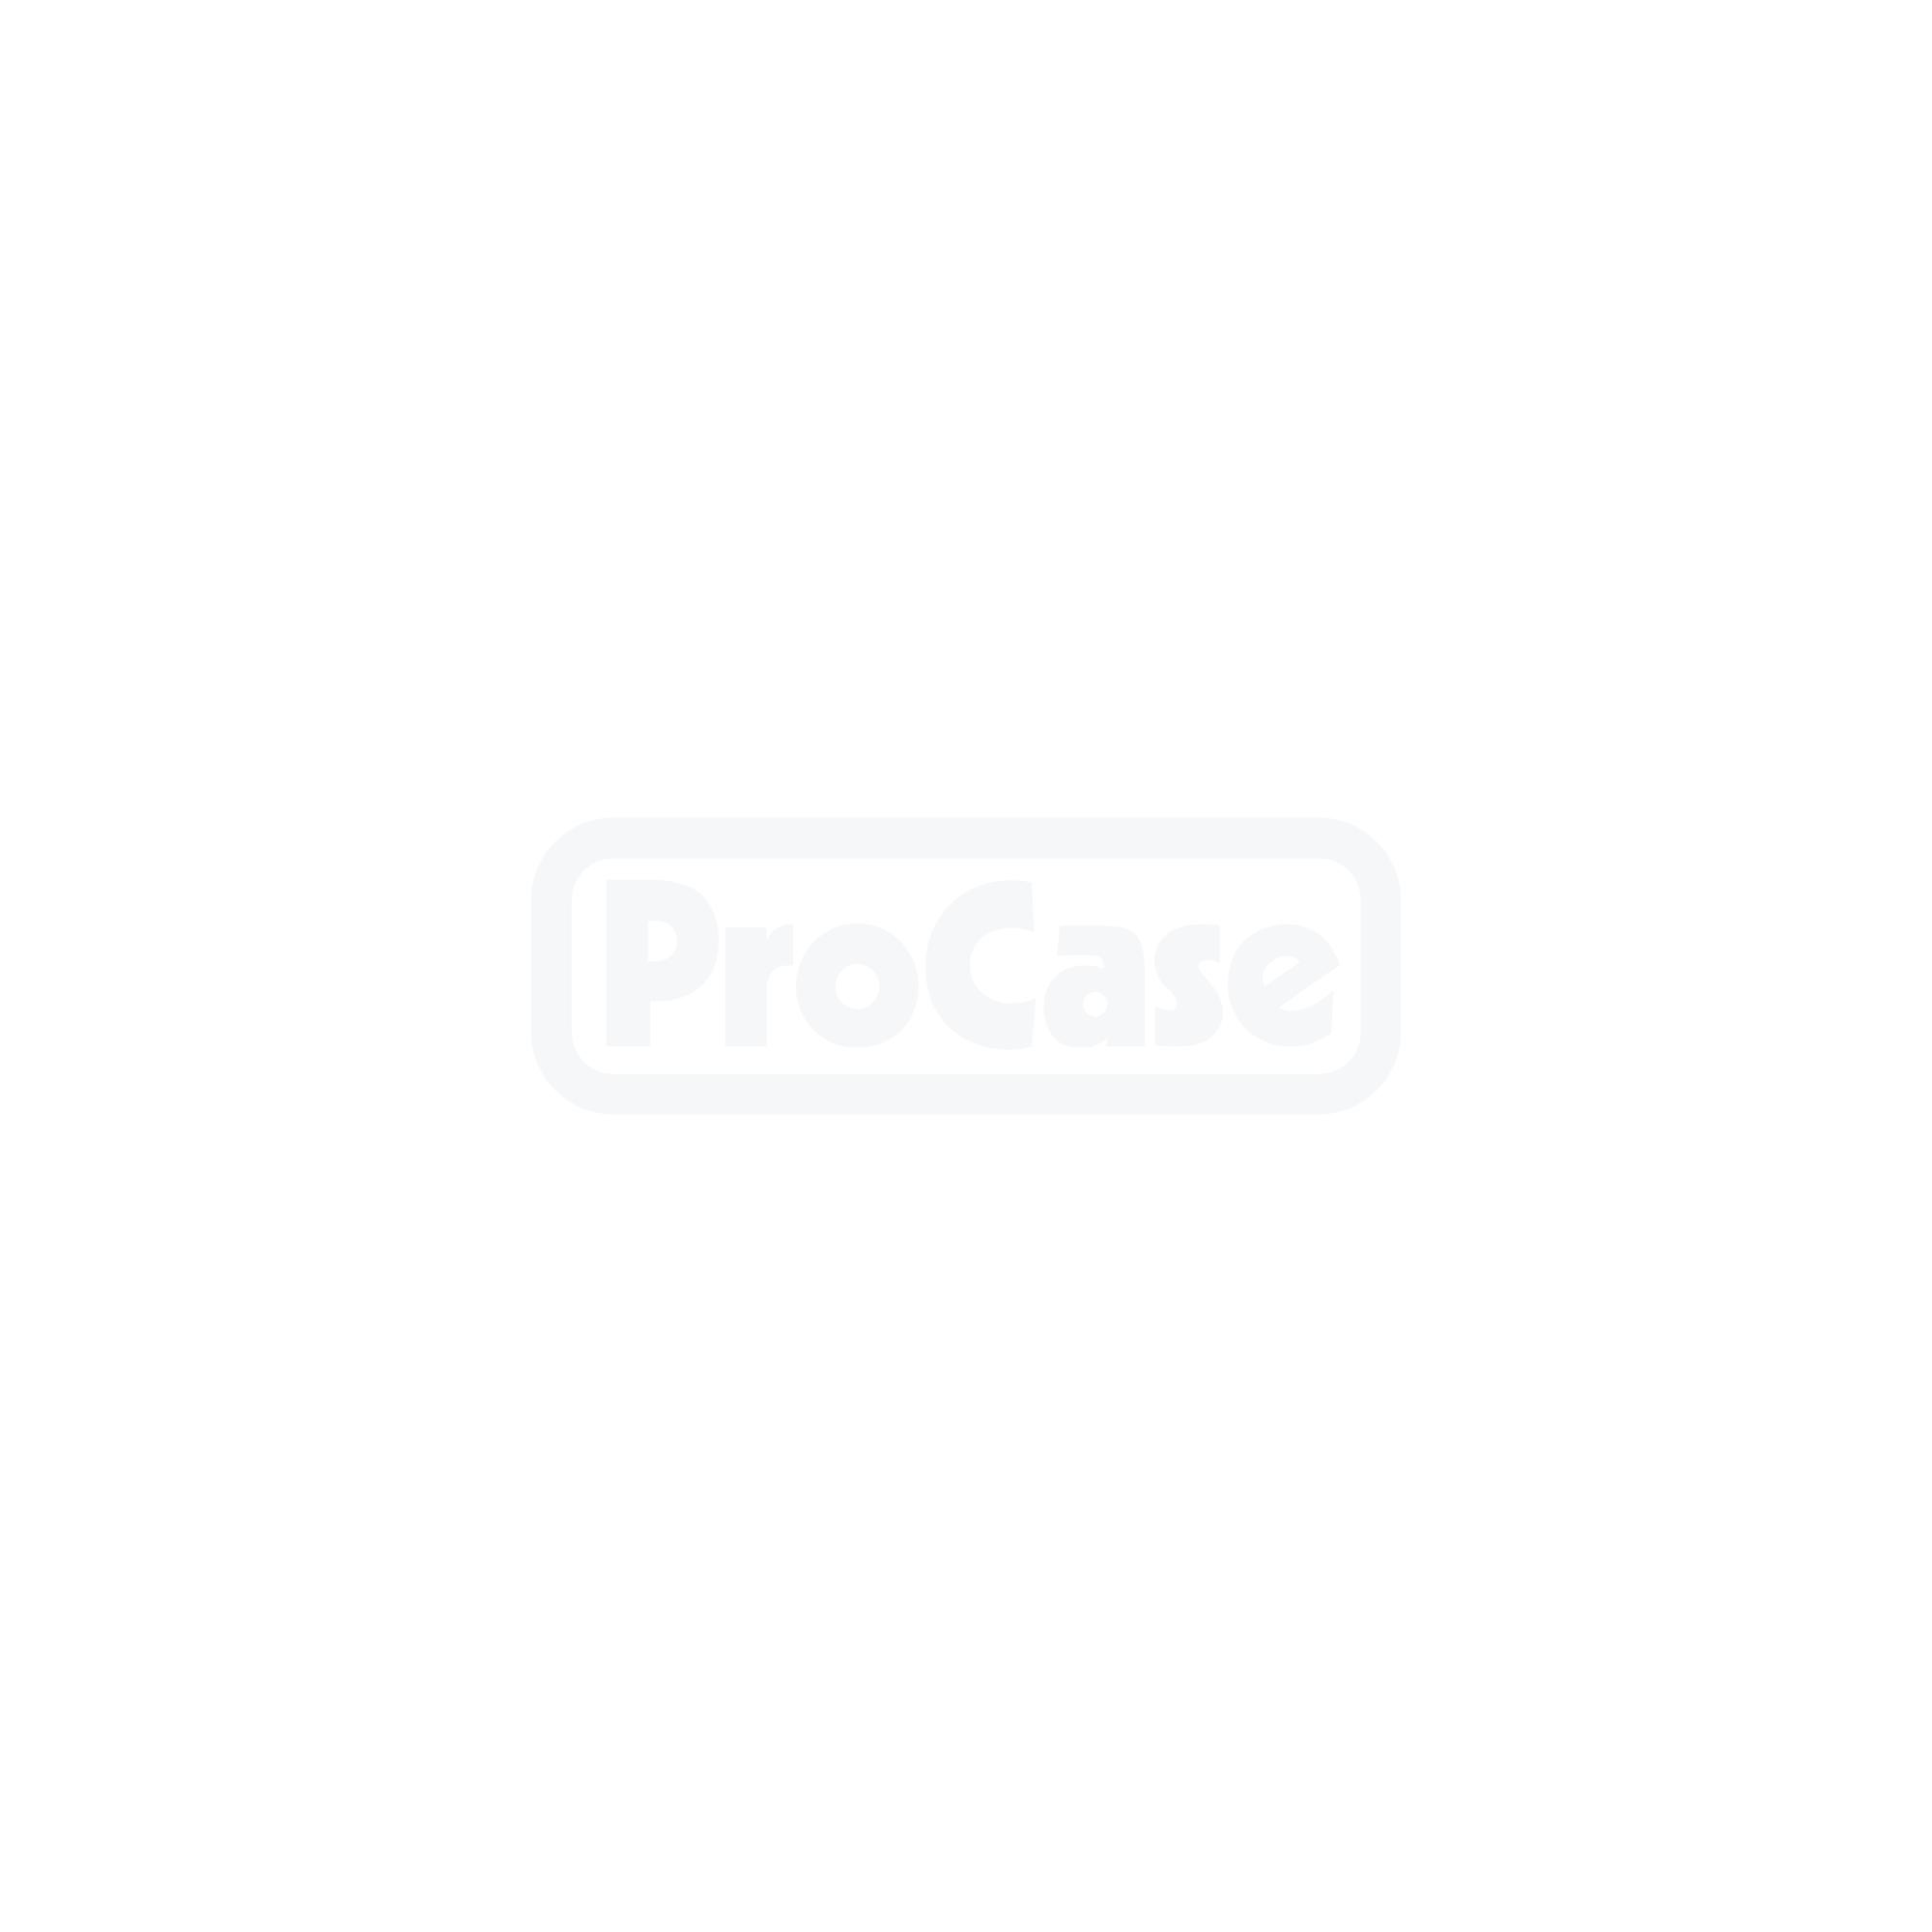 QSD-Rack 2.0 - 6HE 600 mm tief